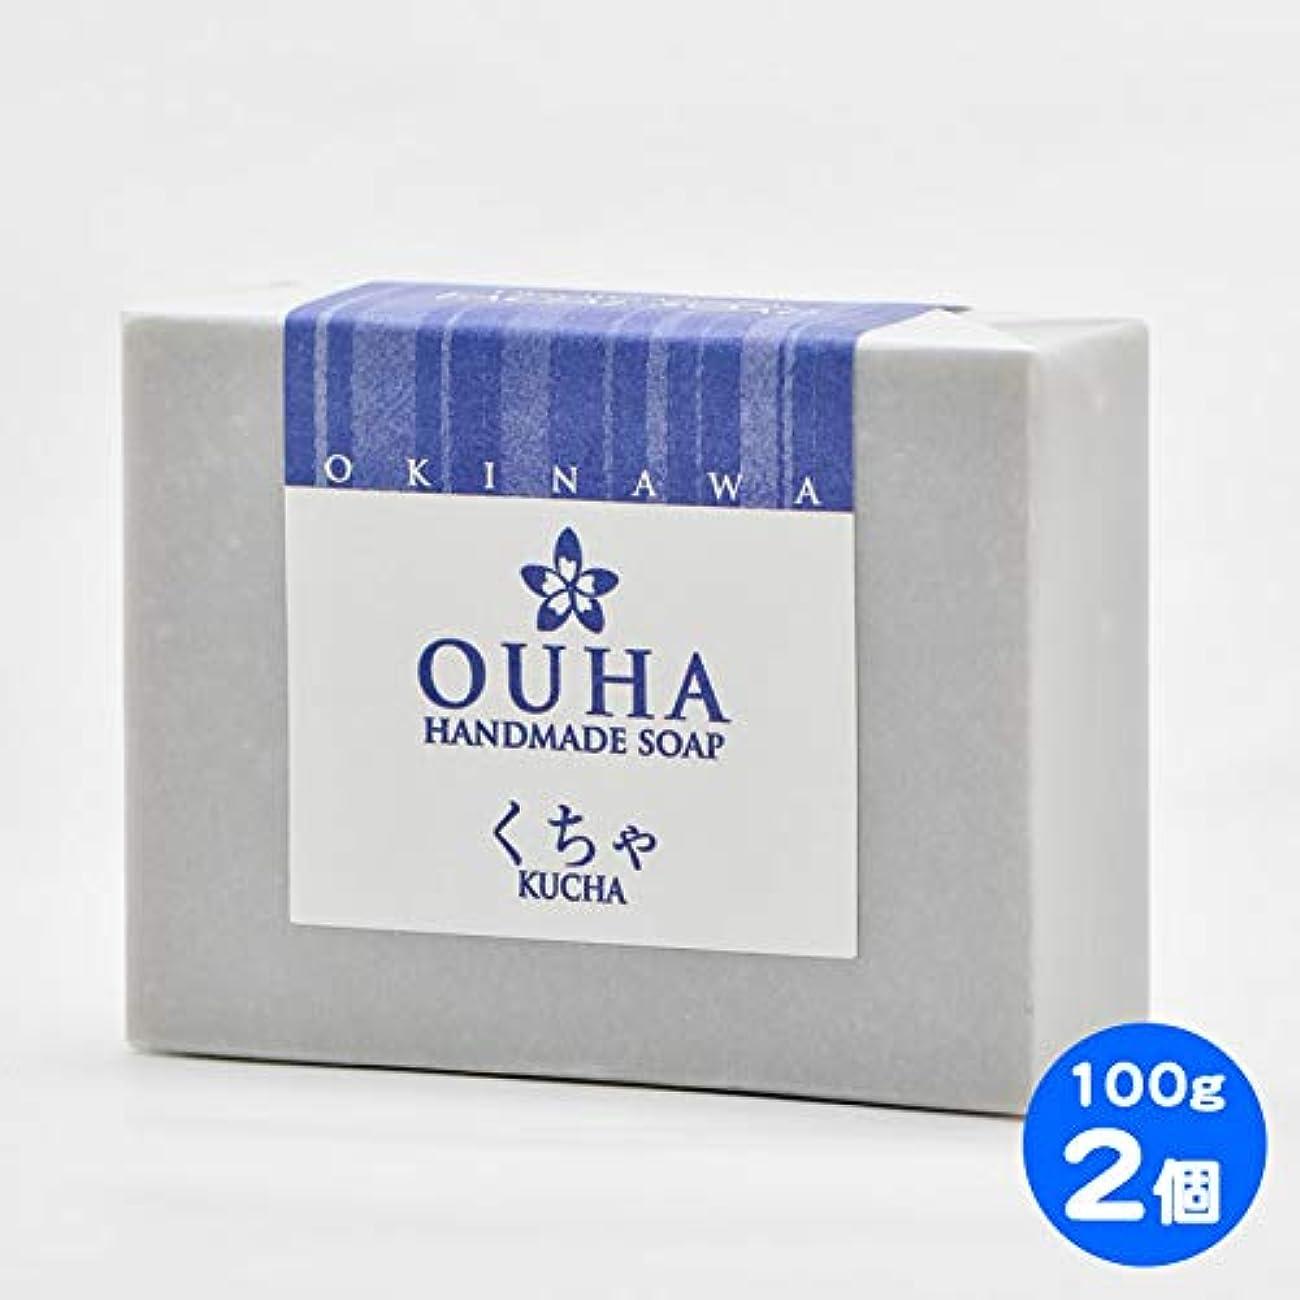 クレーン影響力のある絞る【送料無料 定形外郵便】沖縄県産 OUHAソープ くちゃ 石鹸 100g 2個セット